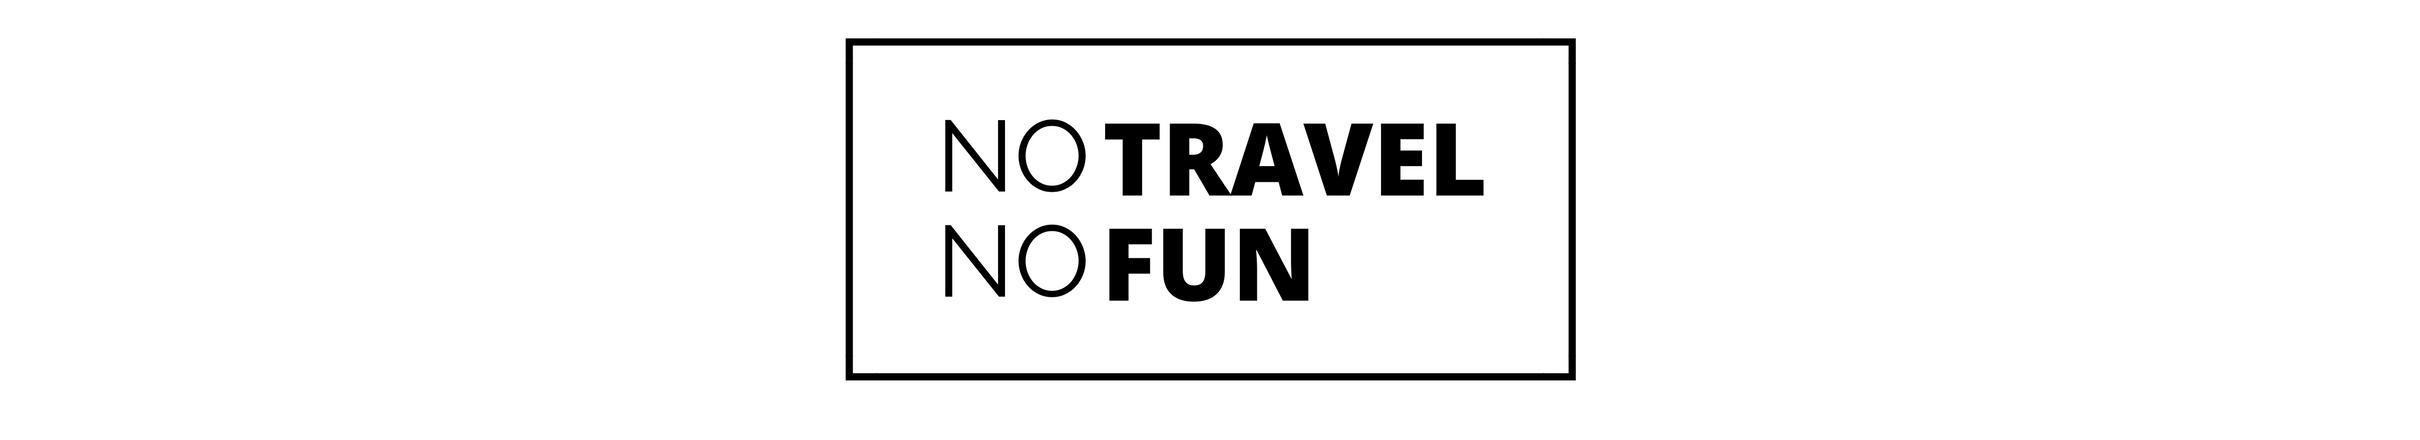 No travel no fun